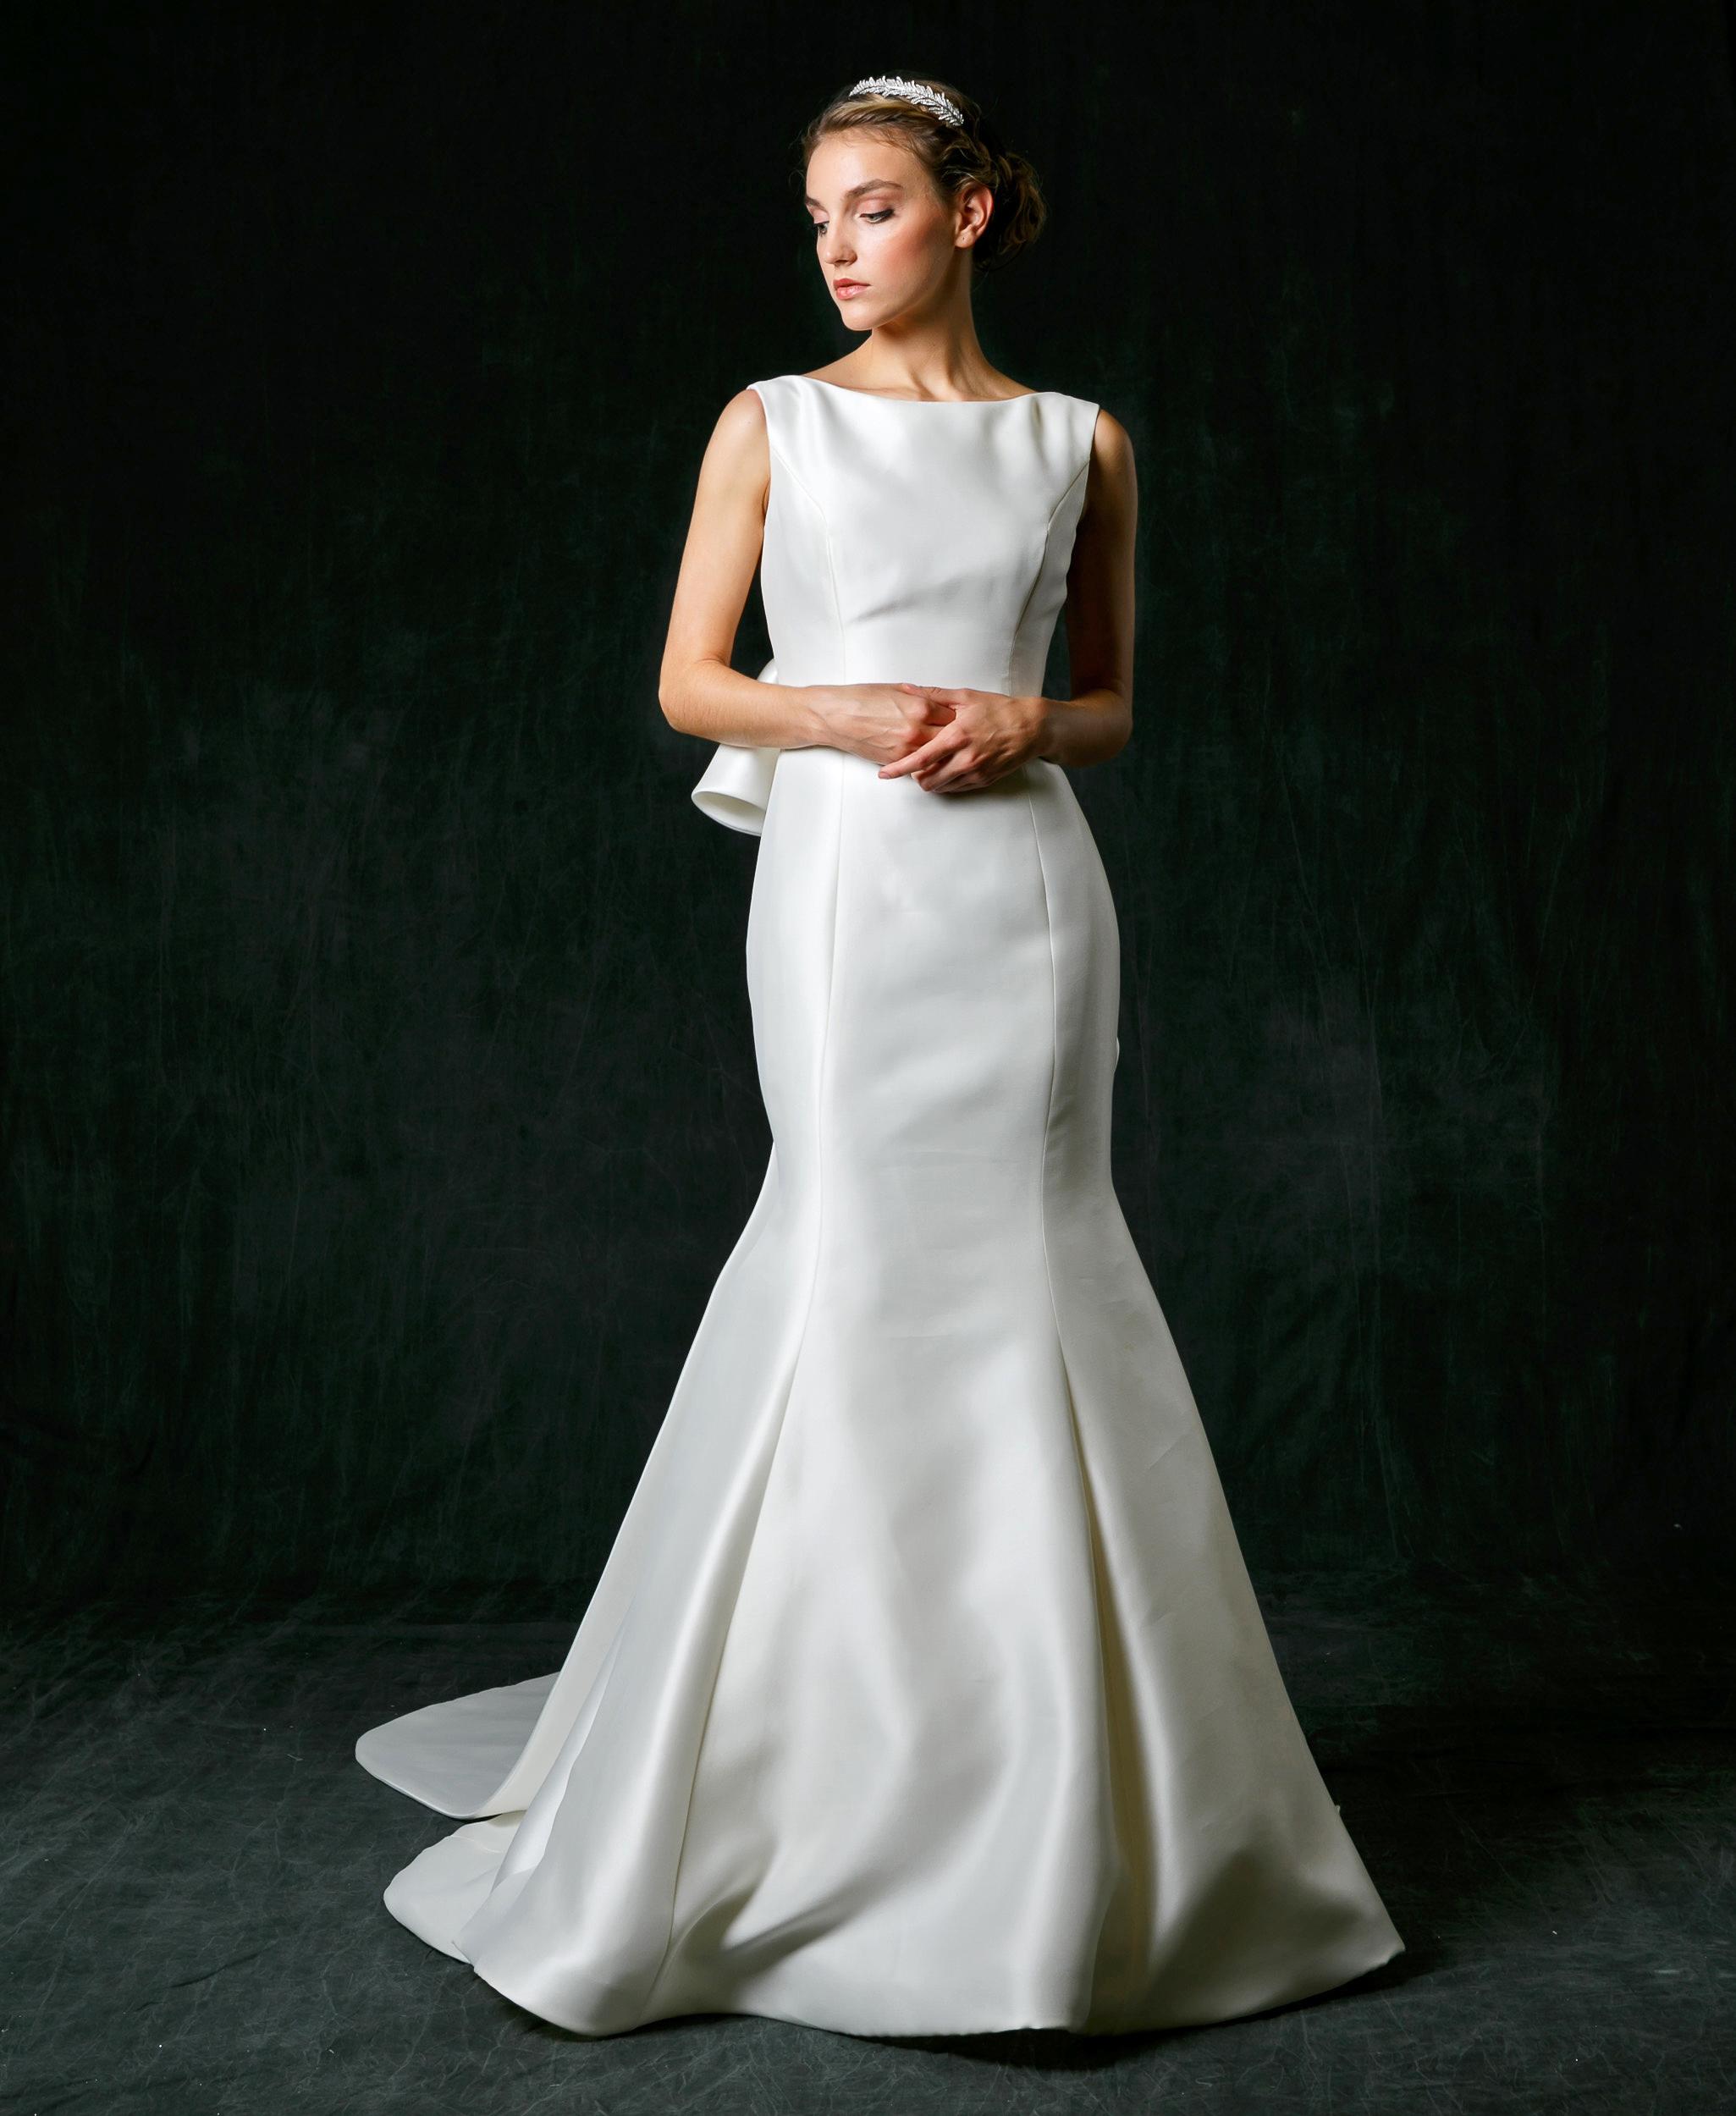 Sareh Nouri Fall 2017 Wedding Dress Collection